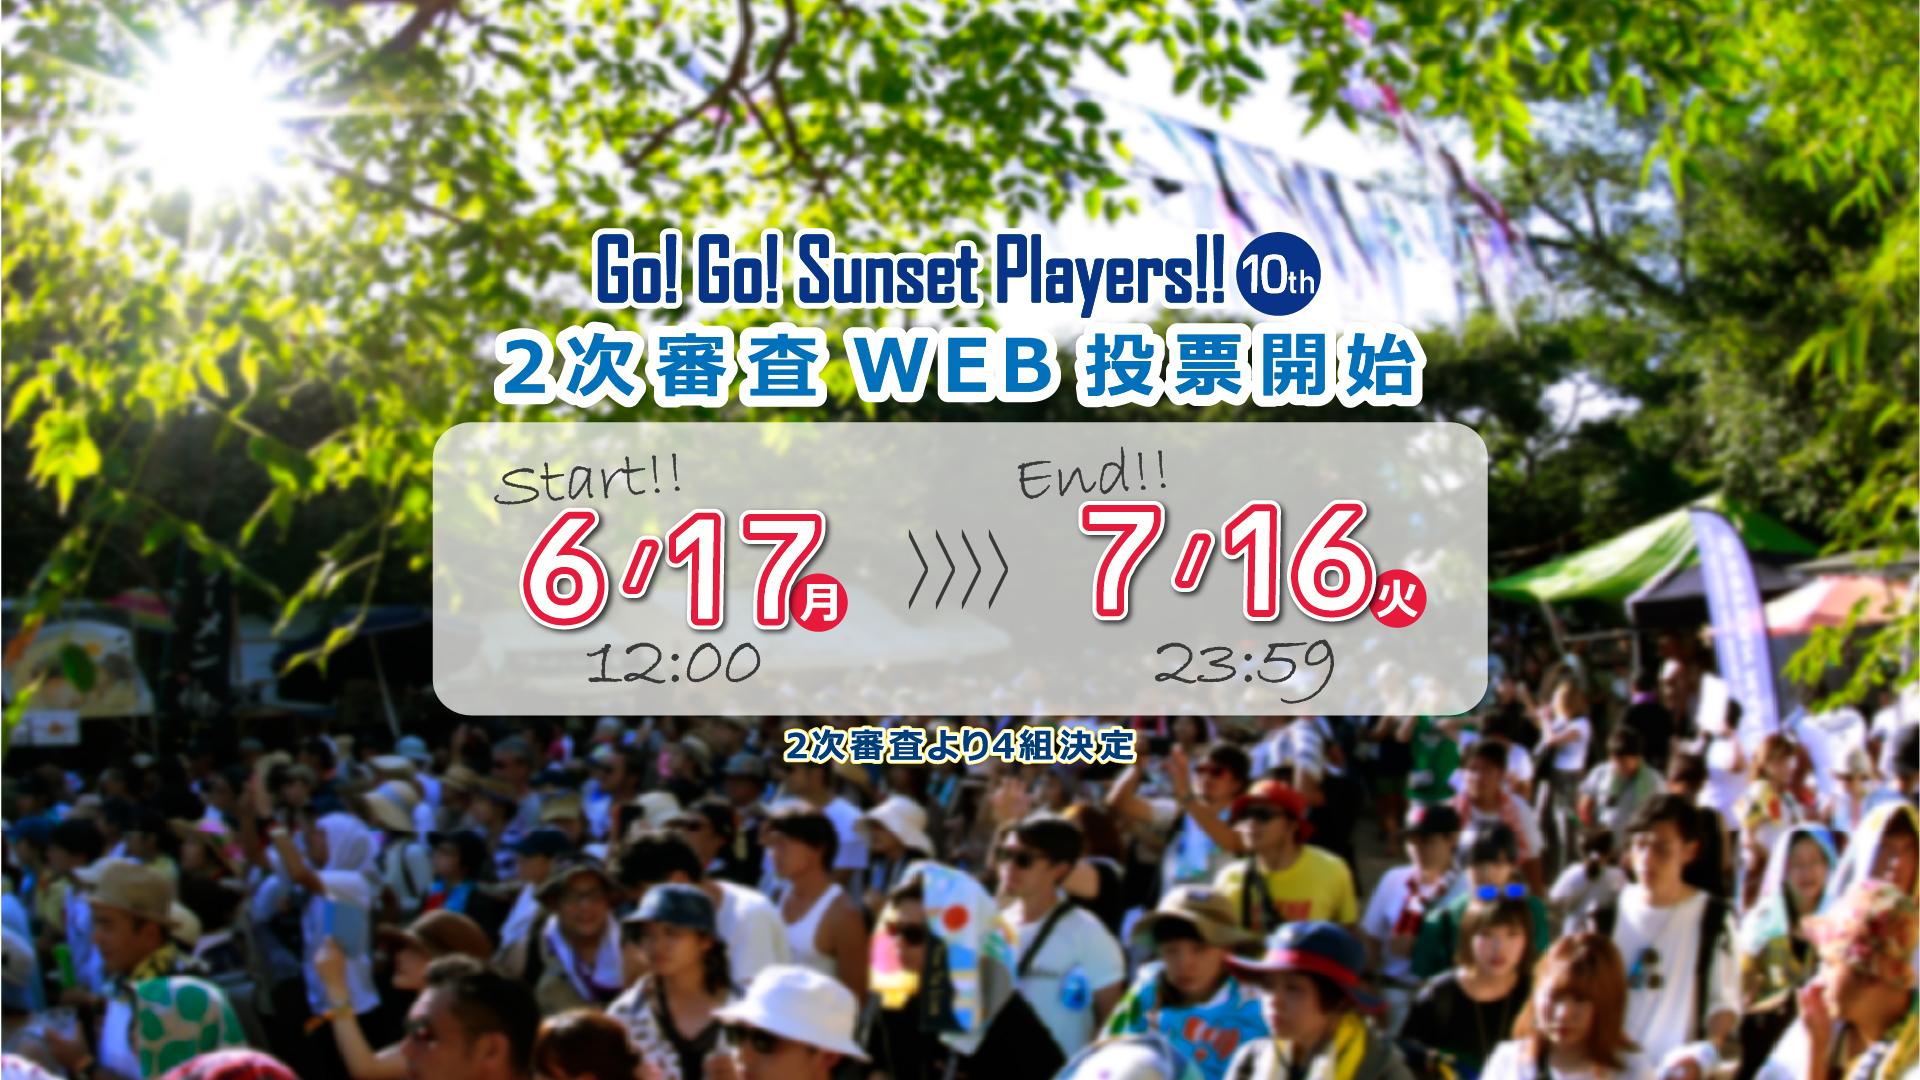 Go! Go! Sunset Players!!2次審査開始!